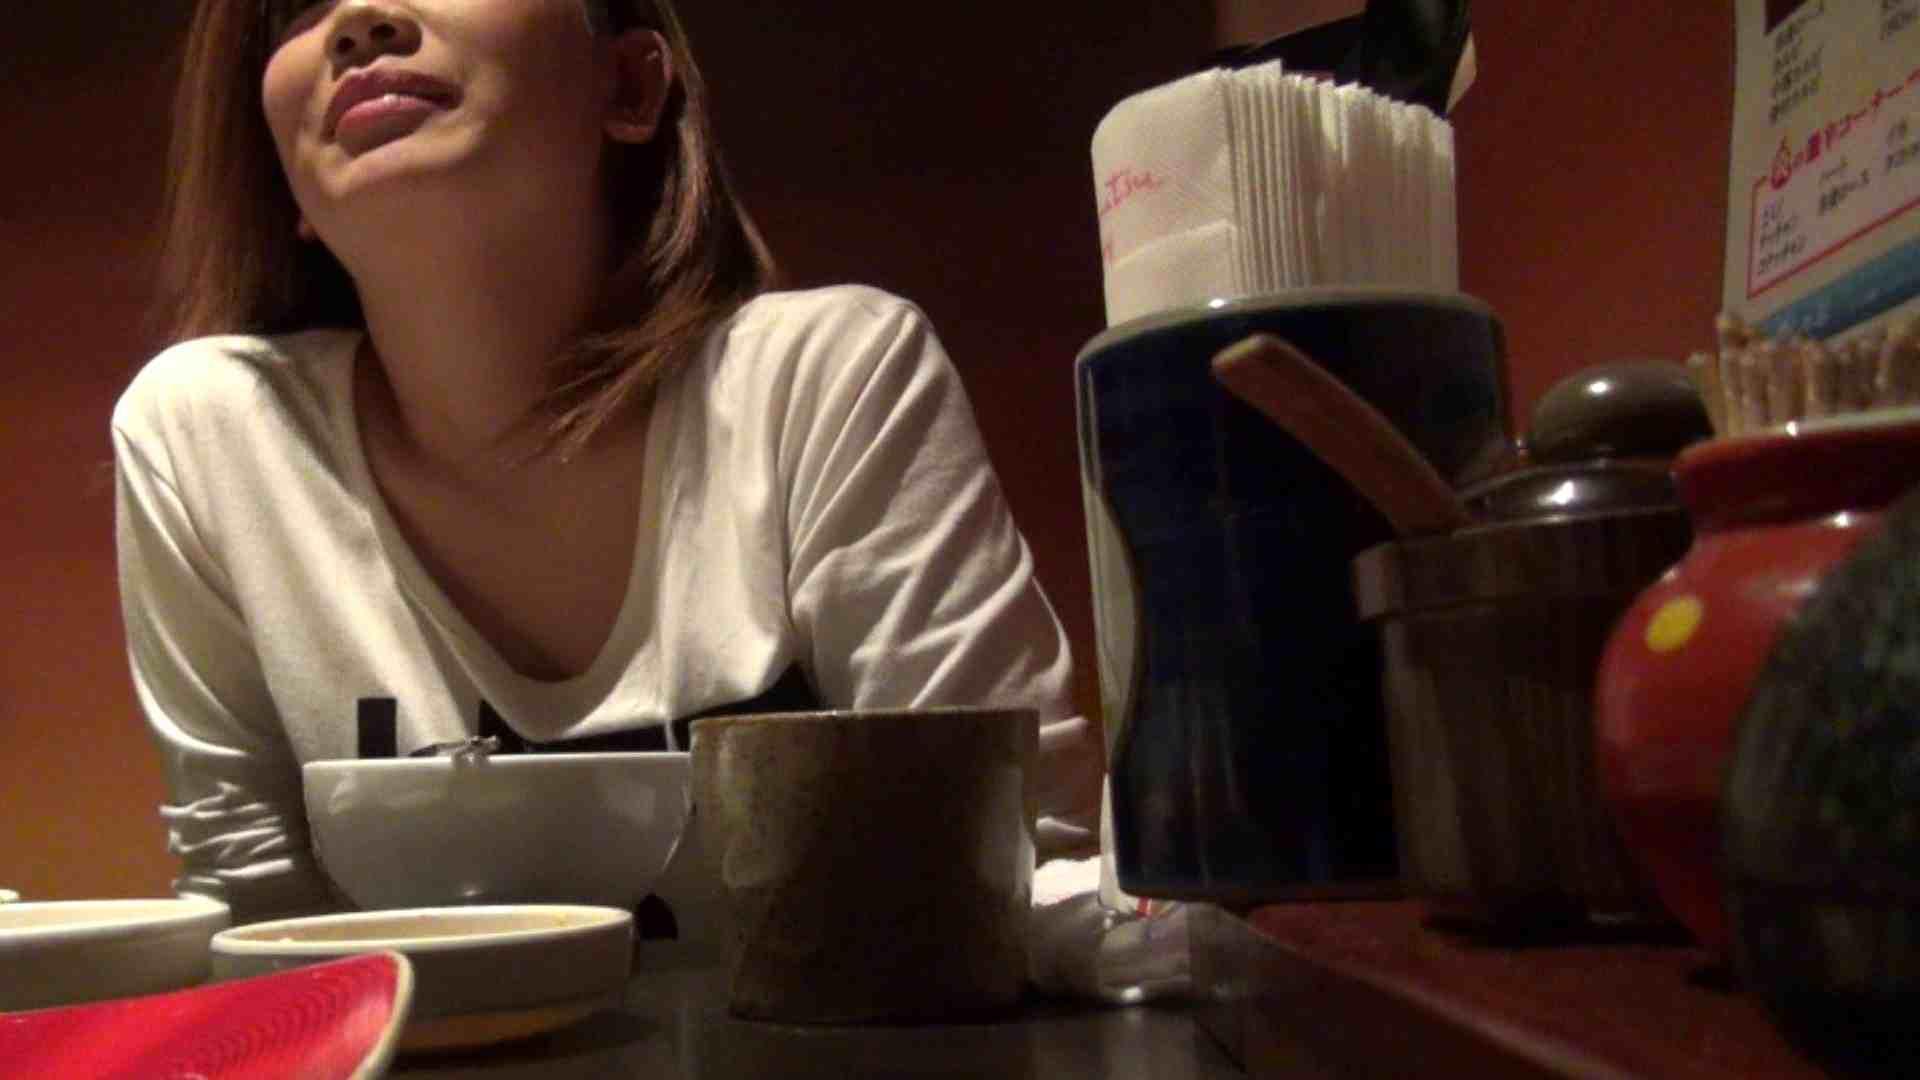 無修正エロ動画|【出会い01】大助さんMちゃんと食事会|大奥